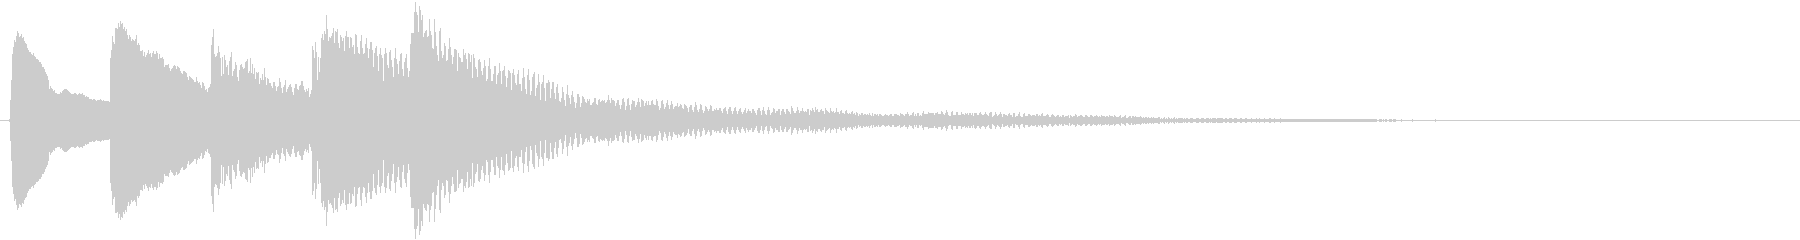 「はっ」とするような印象を与えるピアノの未再生の波形